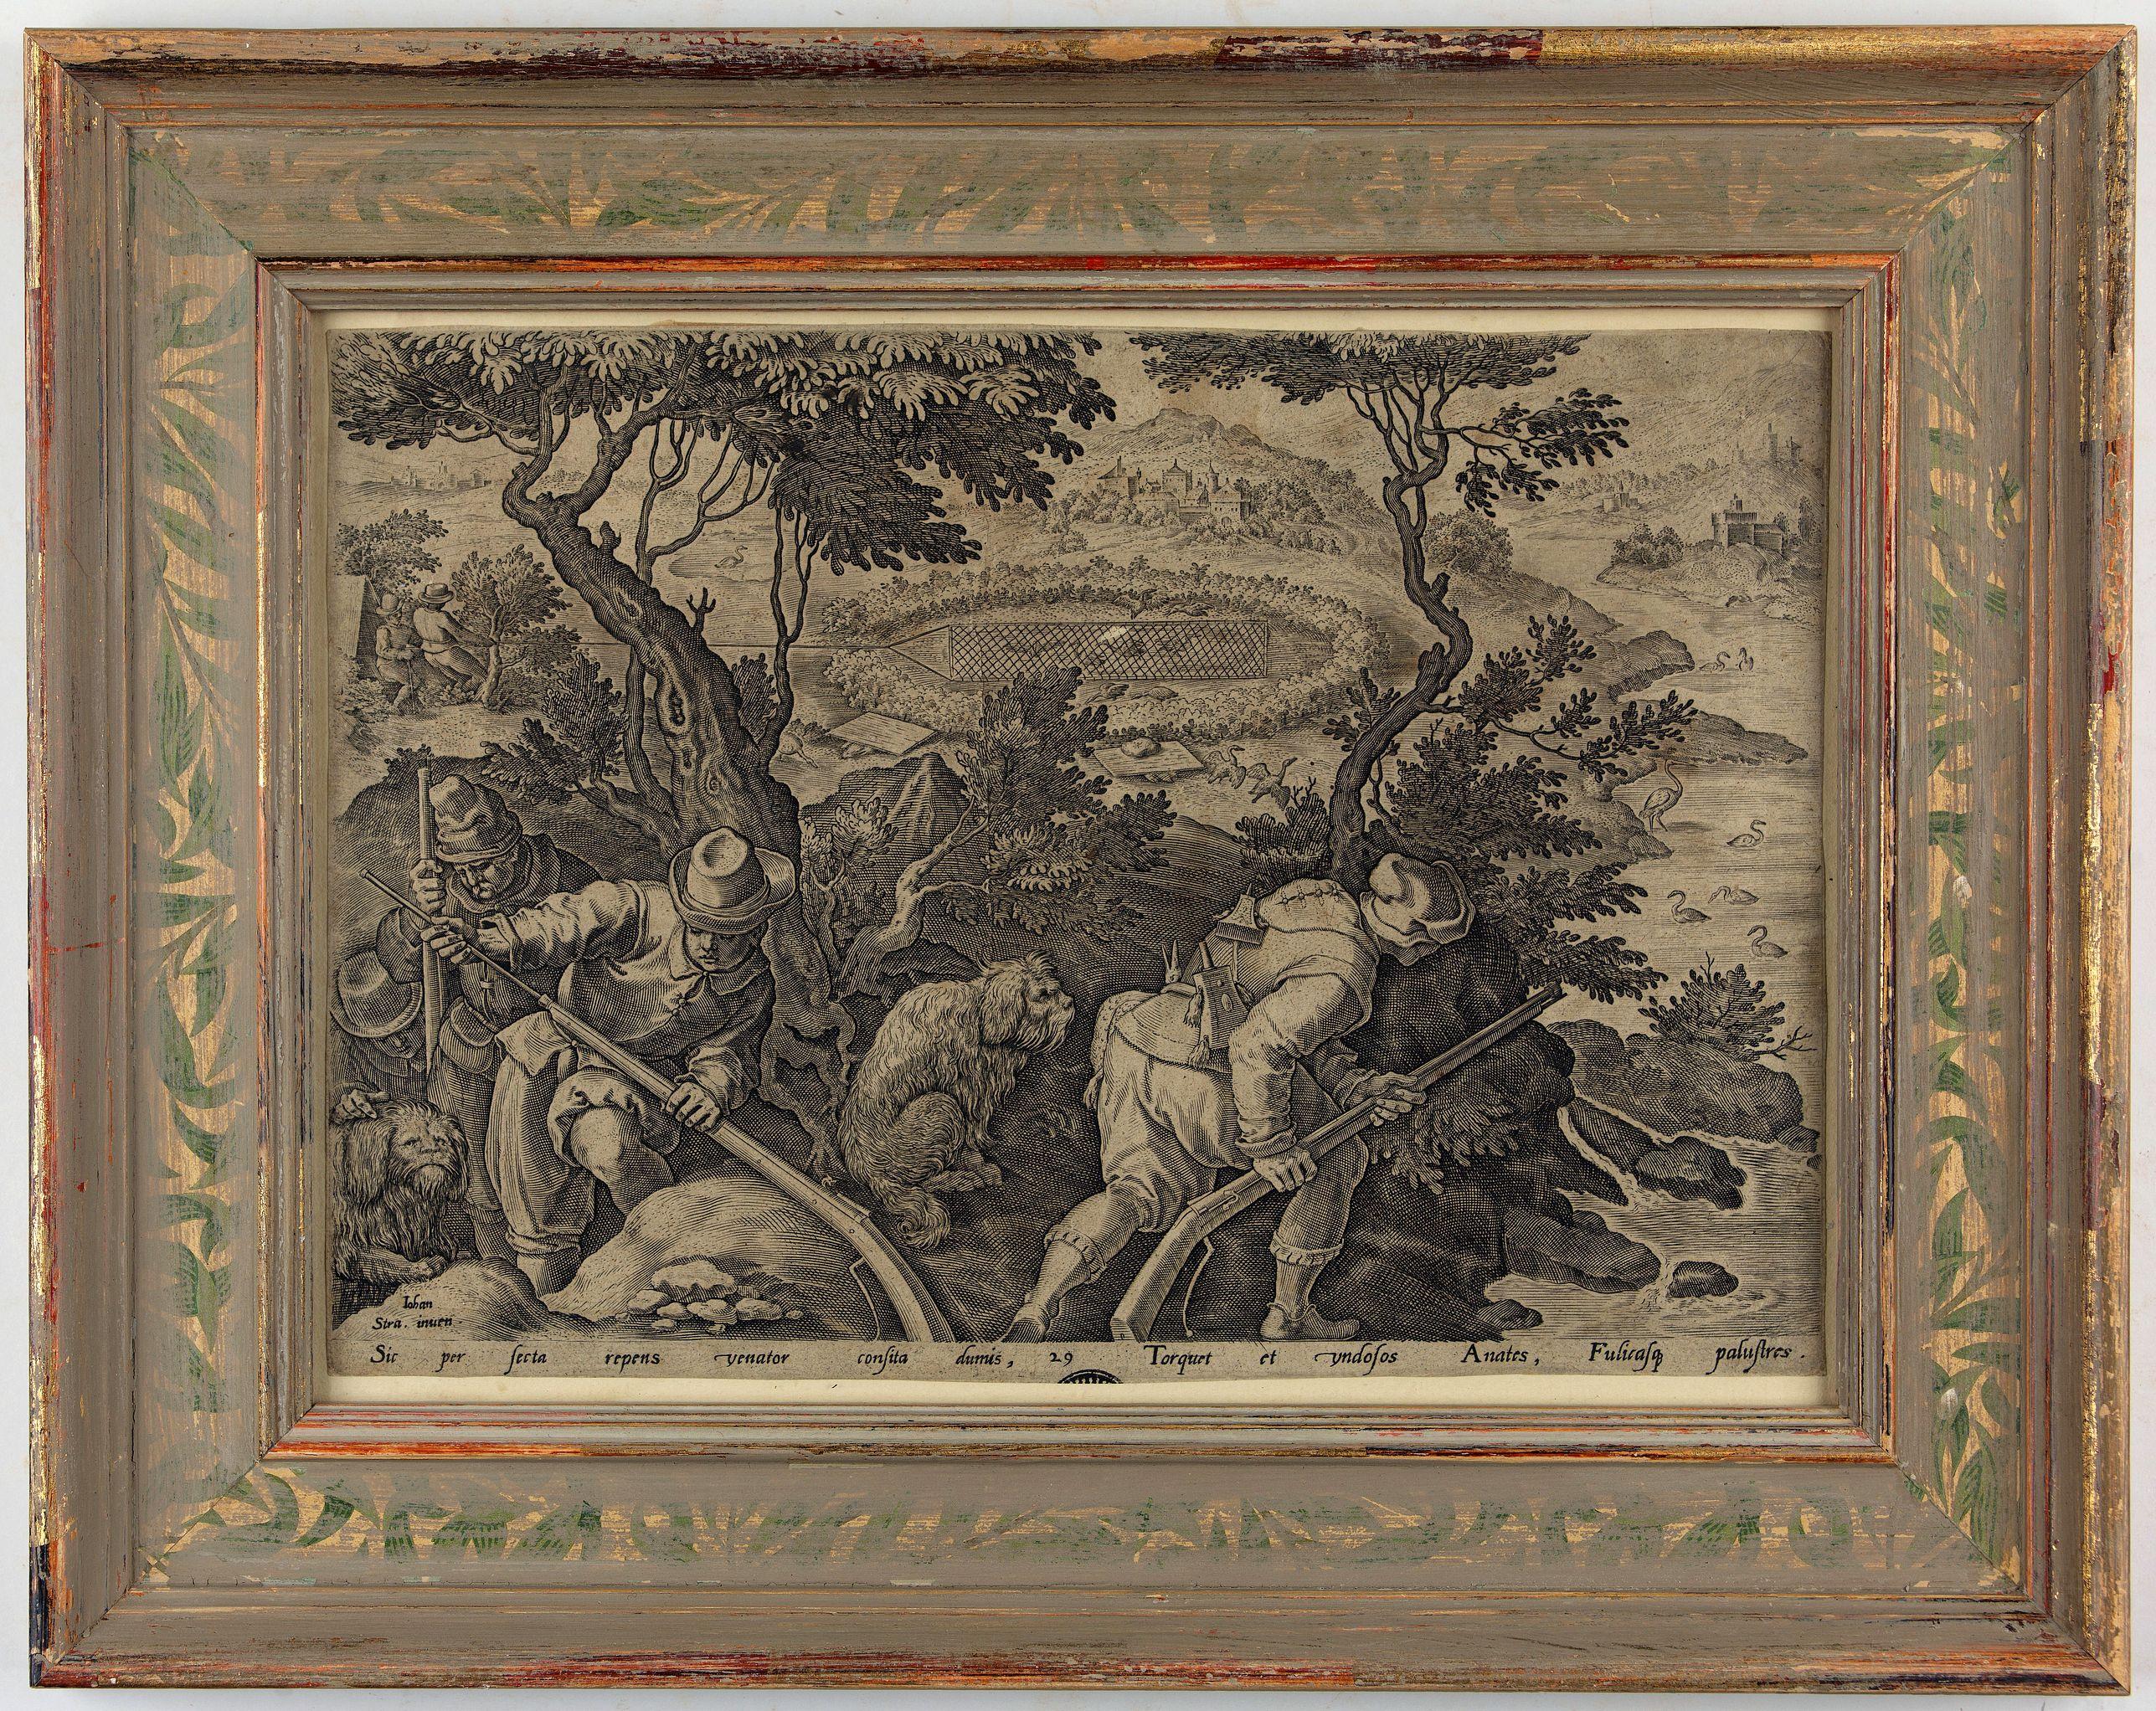 STRADANUS, Johannes / GALLE, Ph. -  Sic per secta repens venator consista dumis - Torquet et undosos anates, Fusicasp palustres